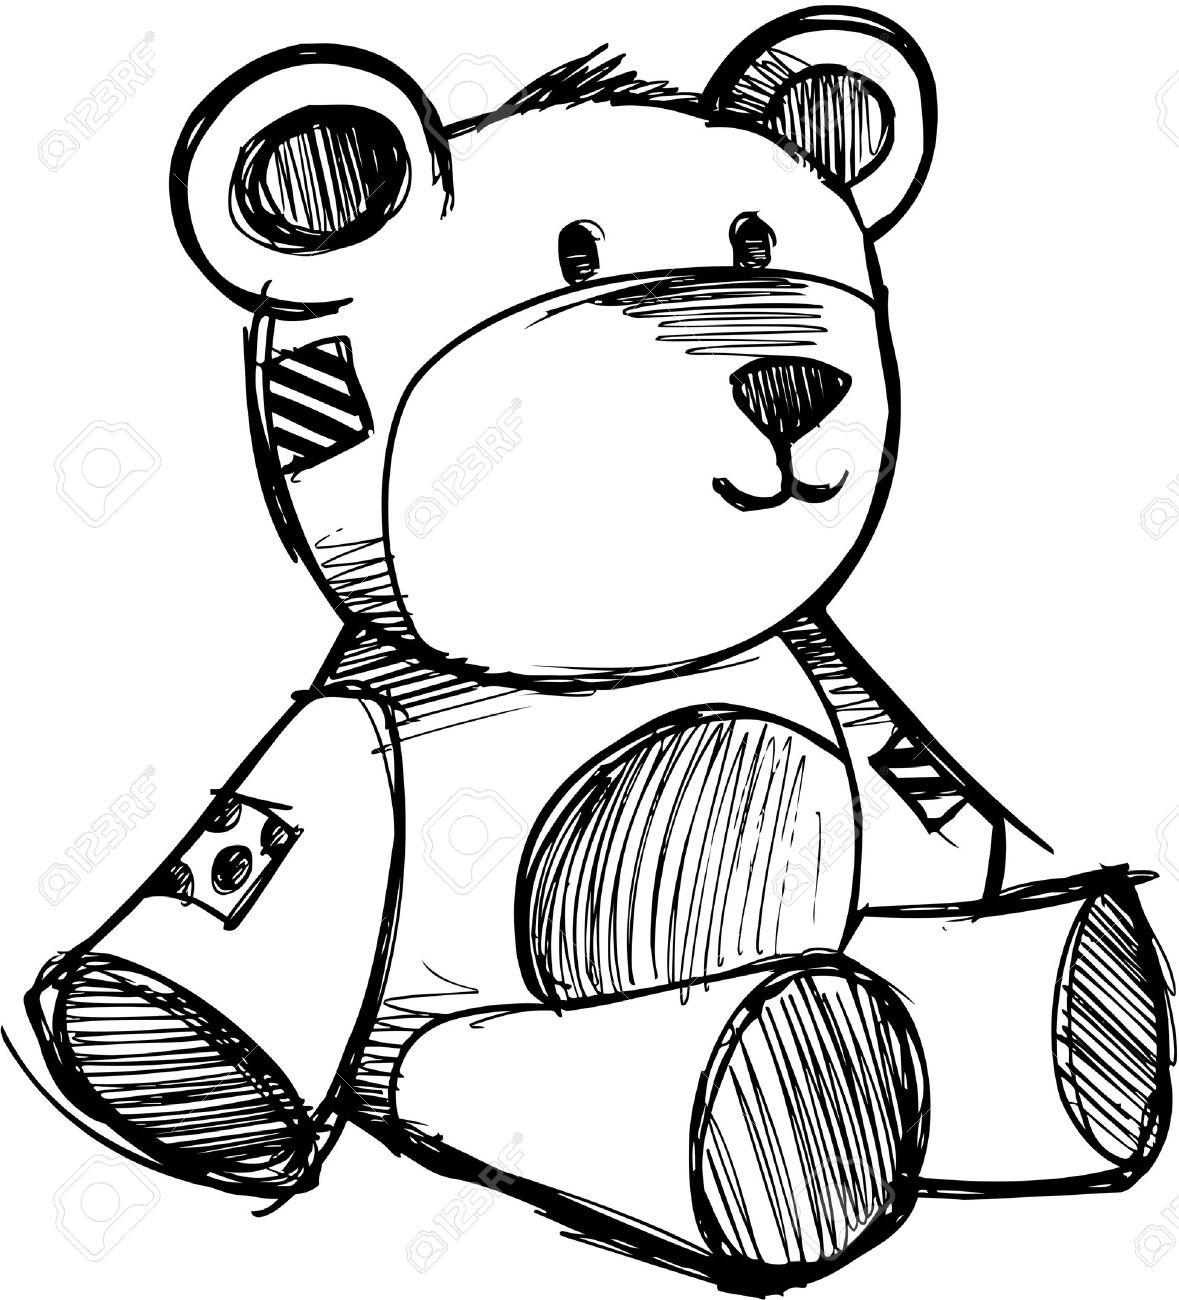 sketchy teddy bear vector illustration royalty free cliparts rh 123rf com teddy bear vector silhouette teddy bear vector illustration